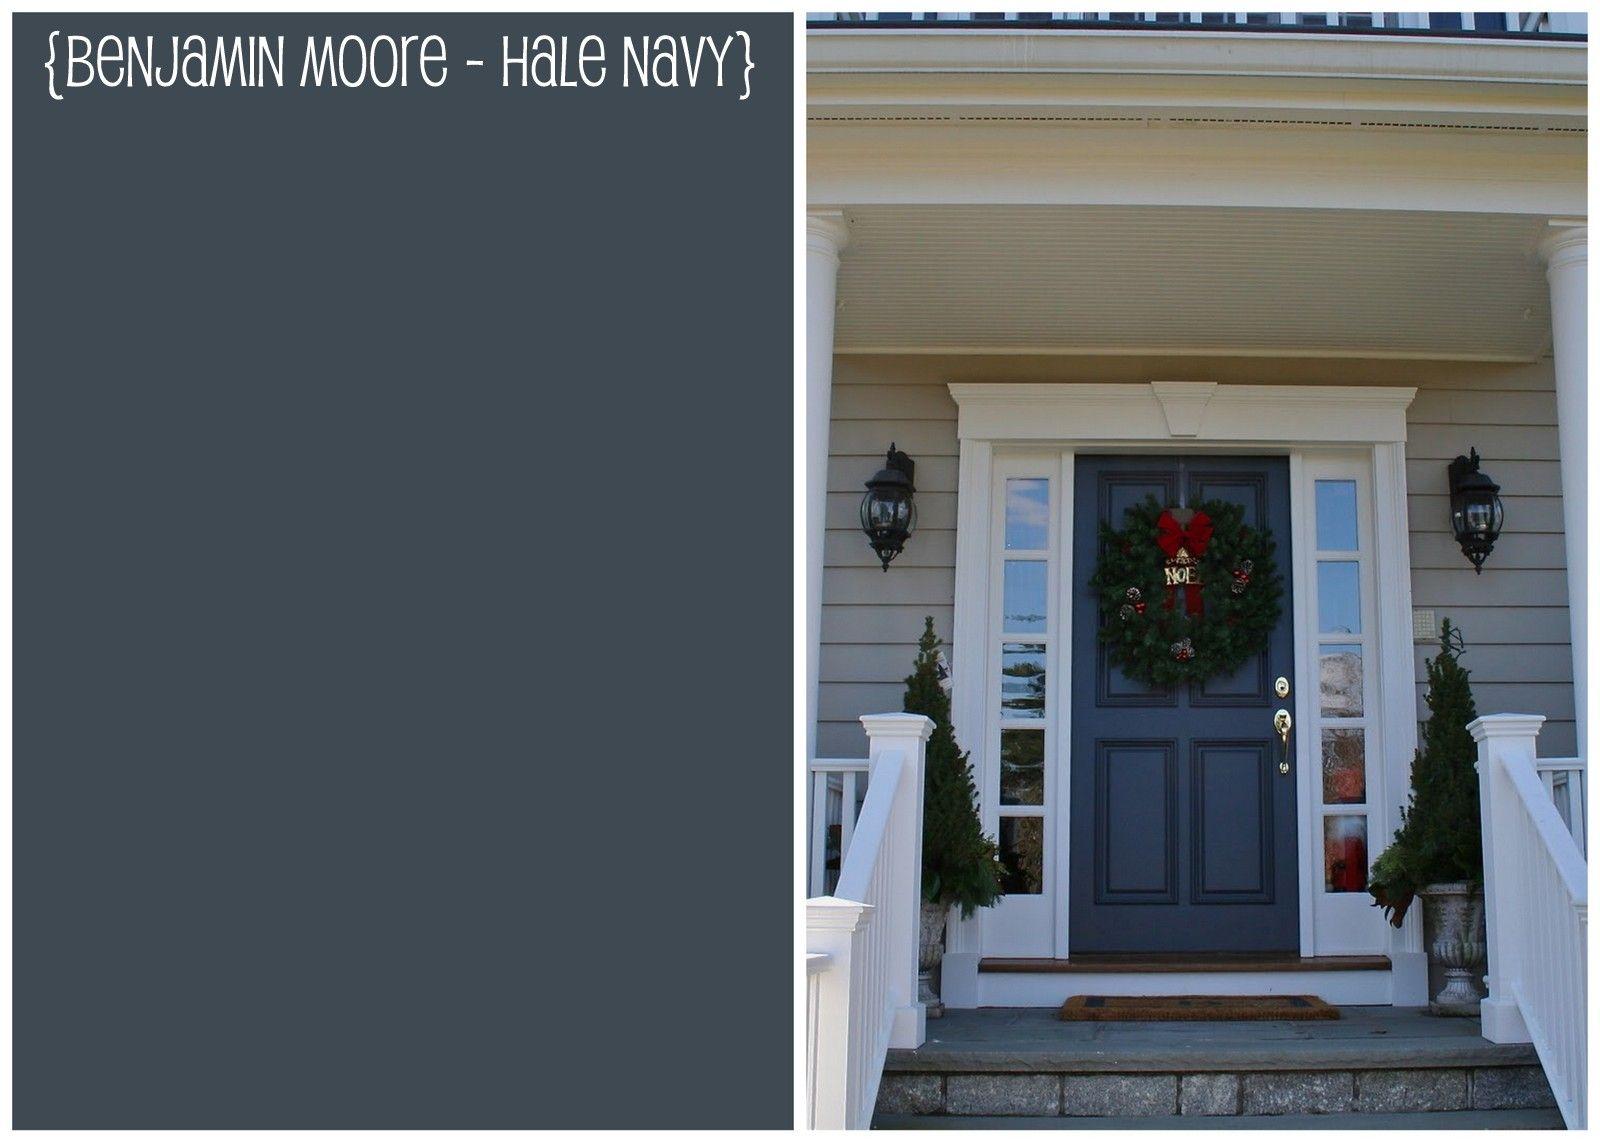 Benjamin Moore Hale Navy And Finally Here Is Door Photo From